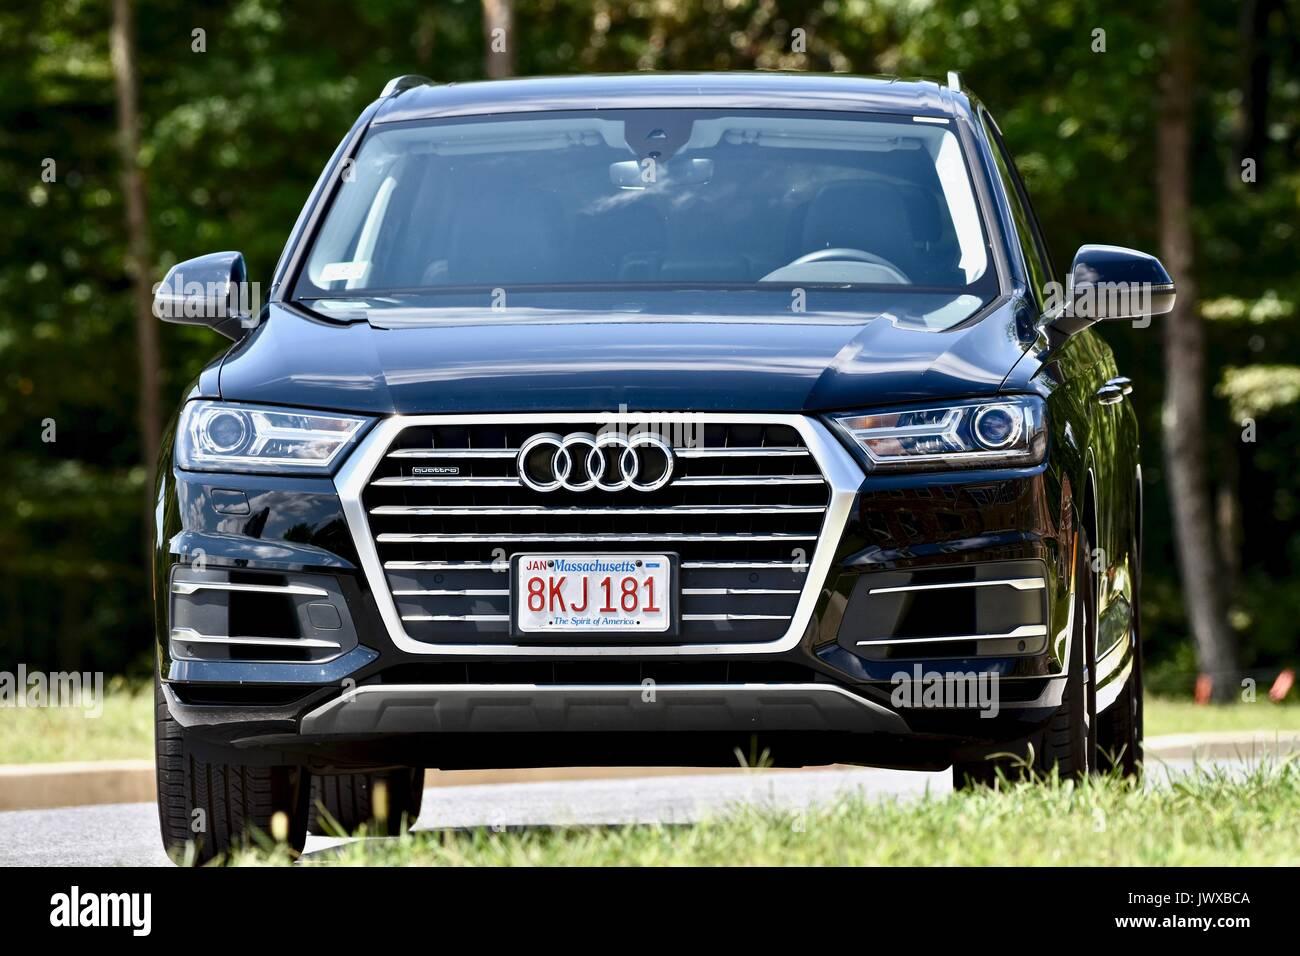 Audi Quattro Q7 - Stock Image